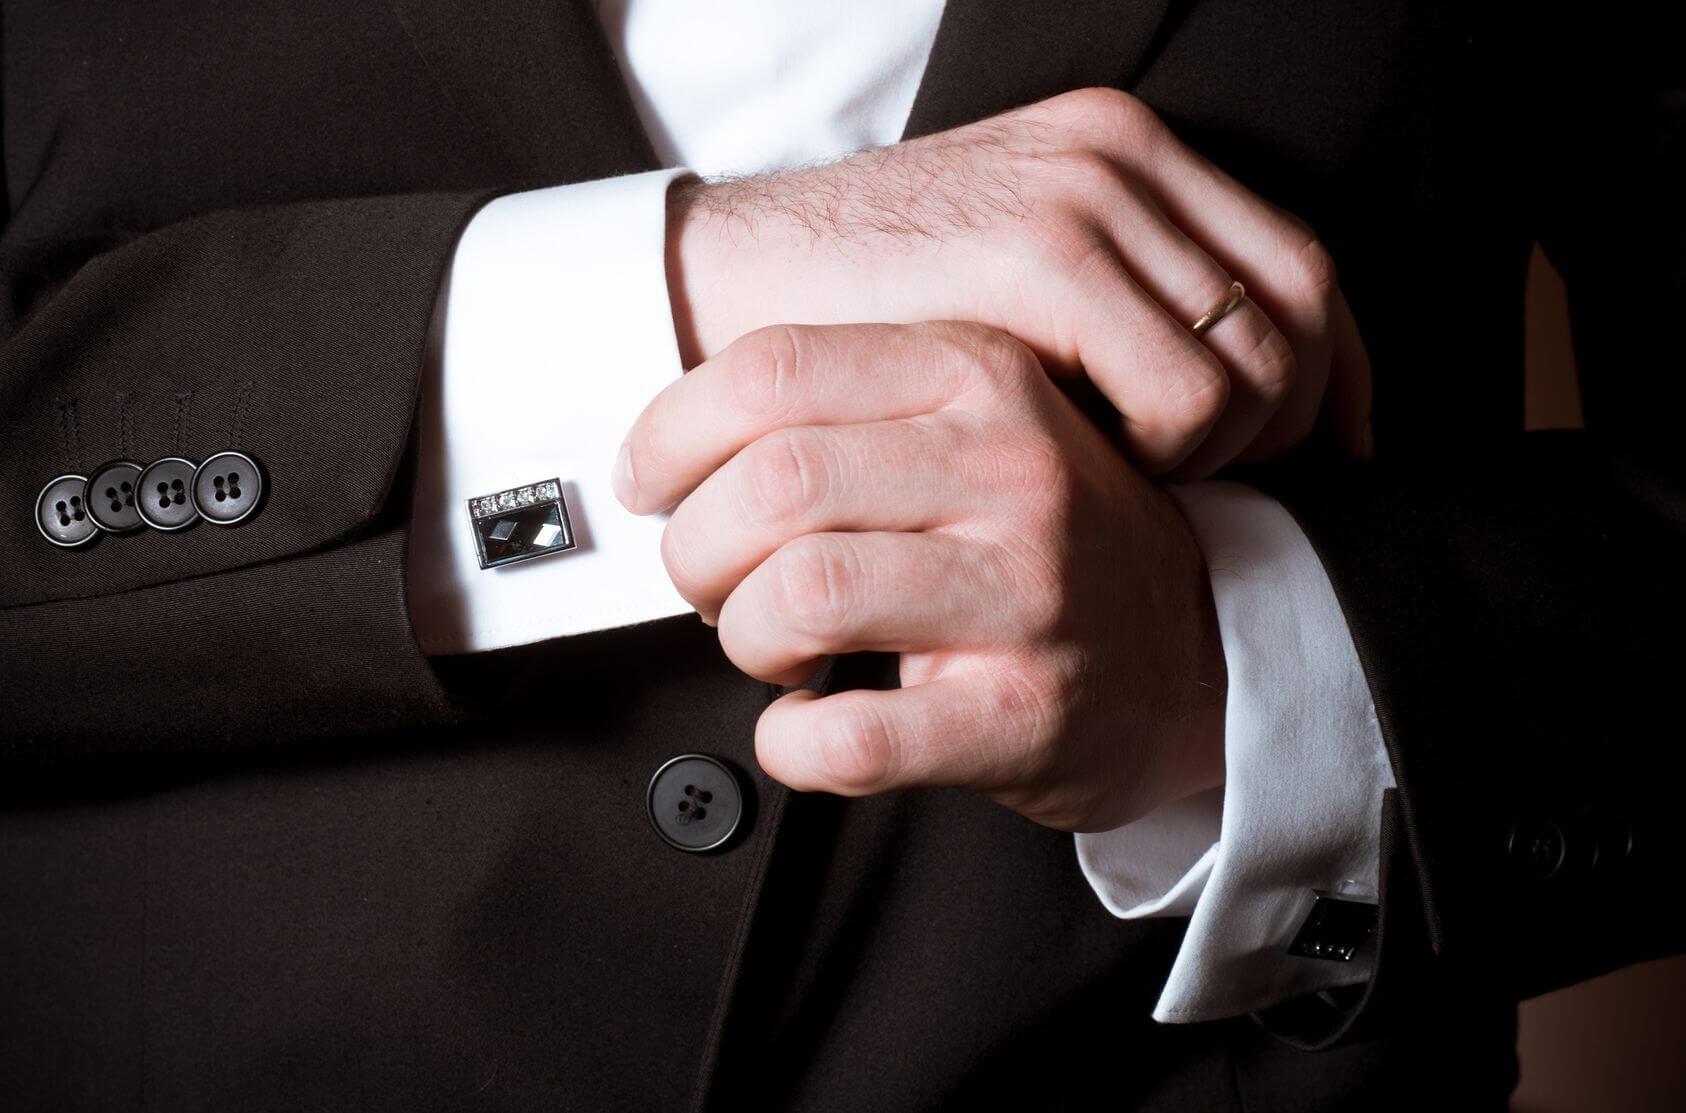 Tay áo măng séc (cufflinks) sang trọng